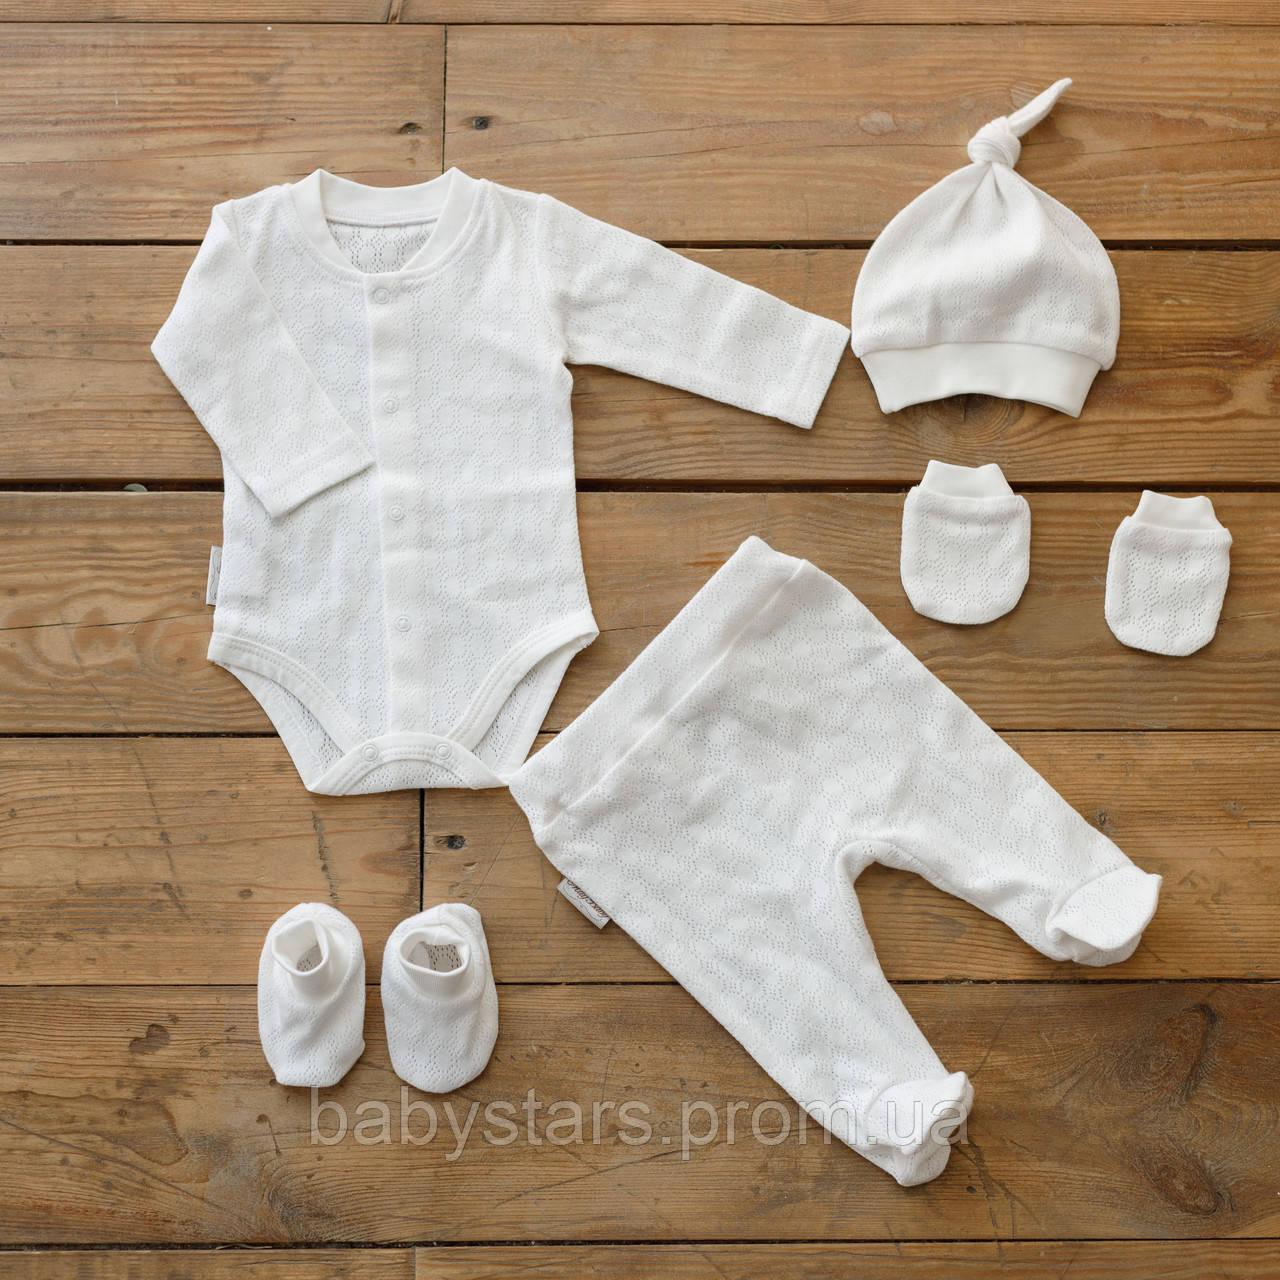 """Крестильный набор для новорождённого """"Wind"""", молочный, размеры: 56, 62"""